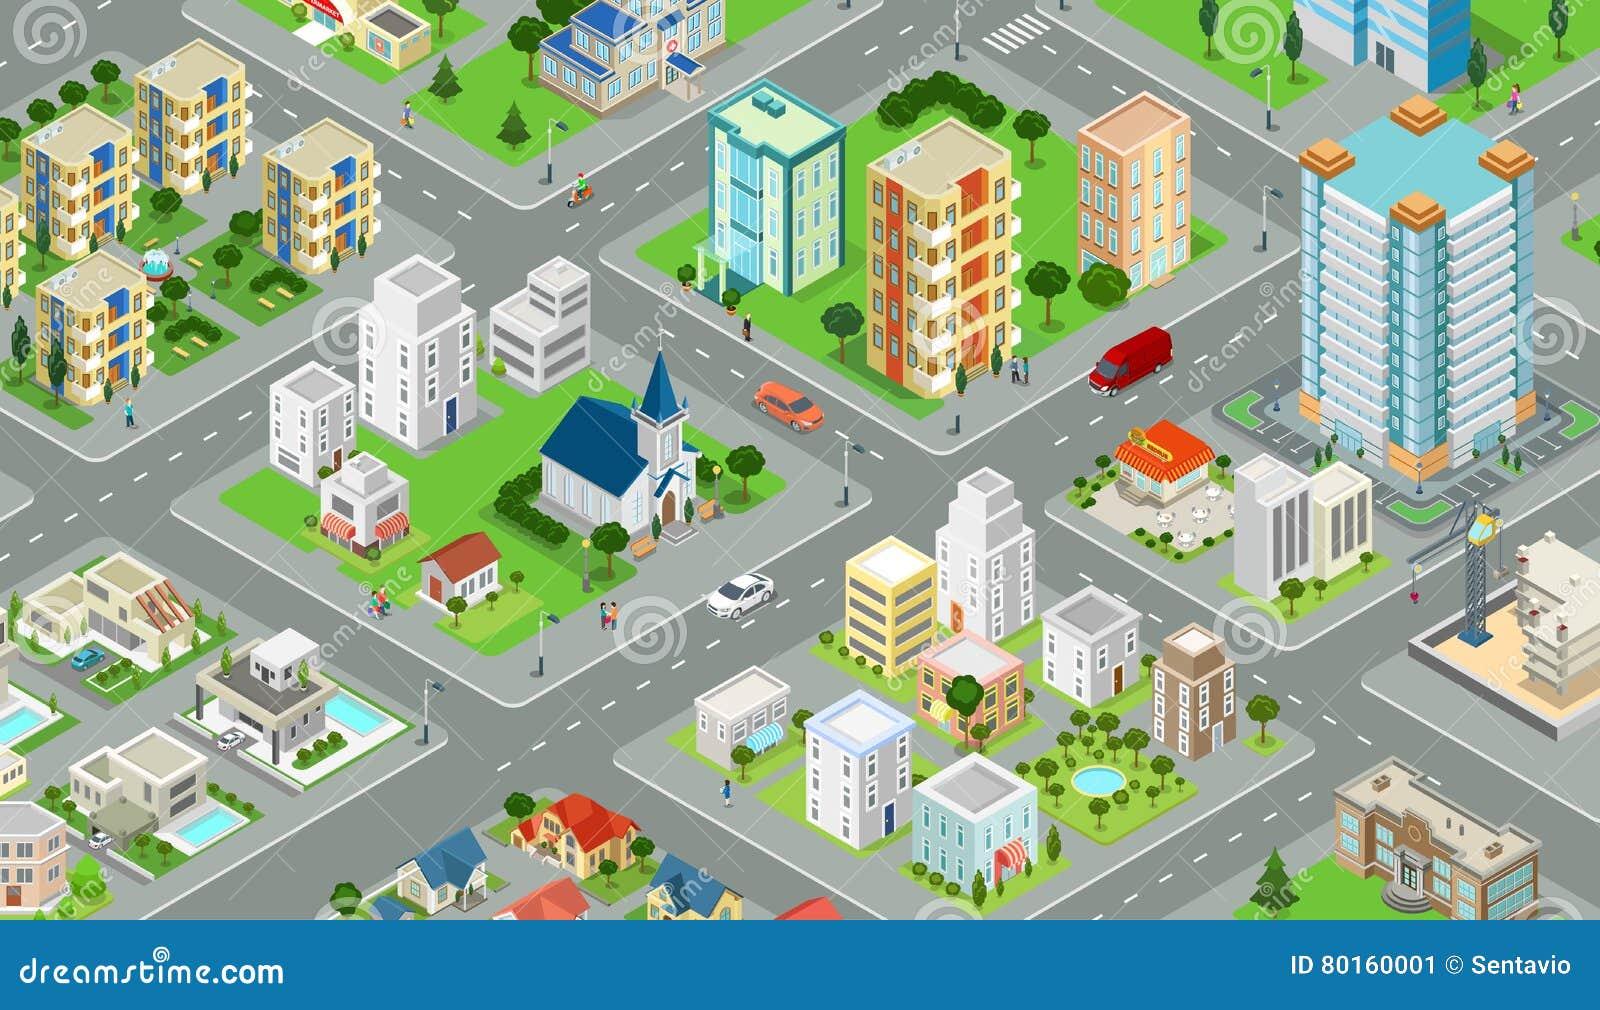 Vettore isometrico piano del modello della strada di città costruzione 3d